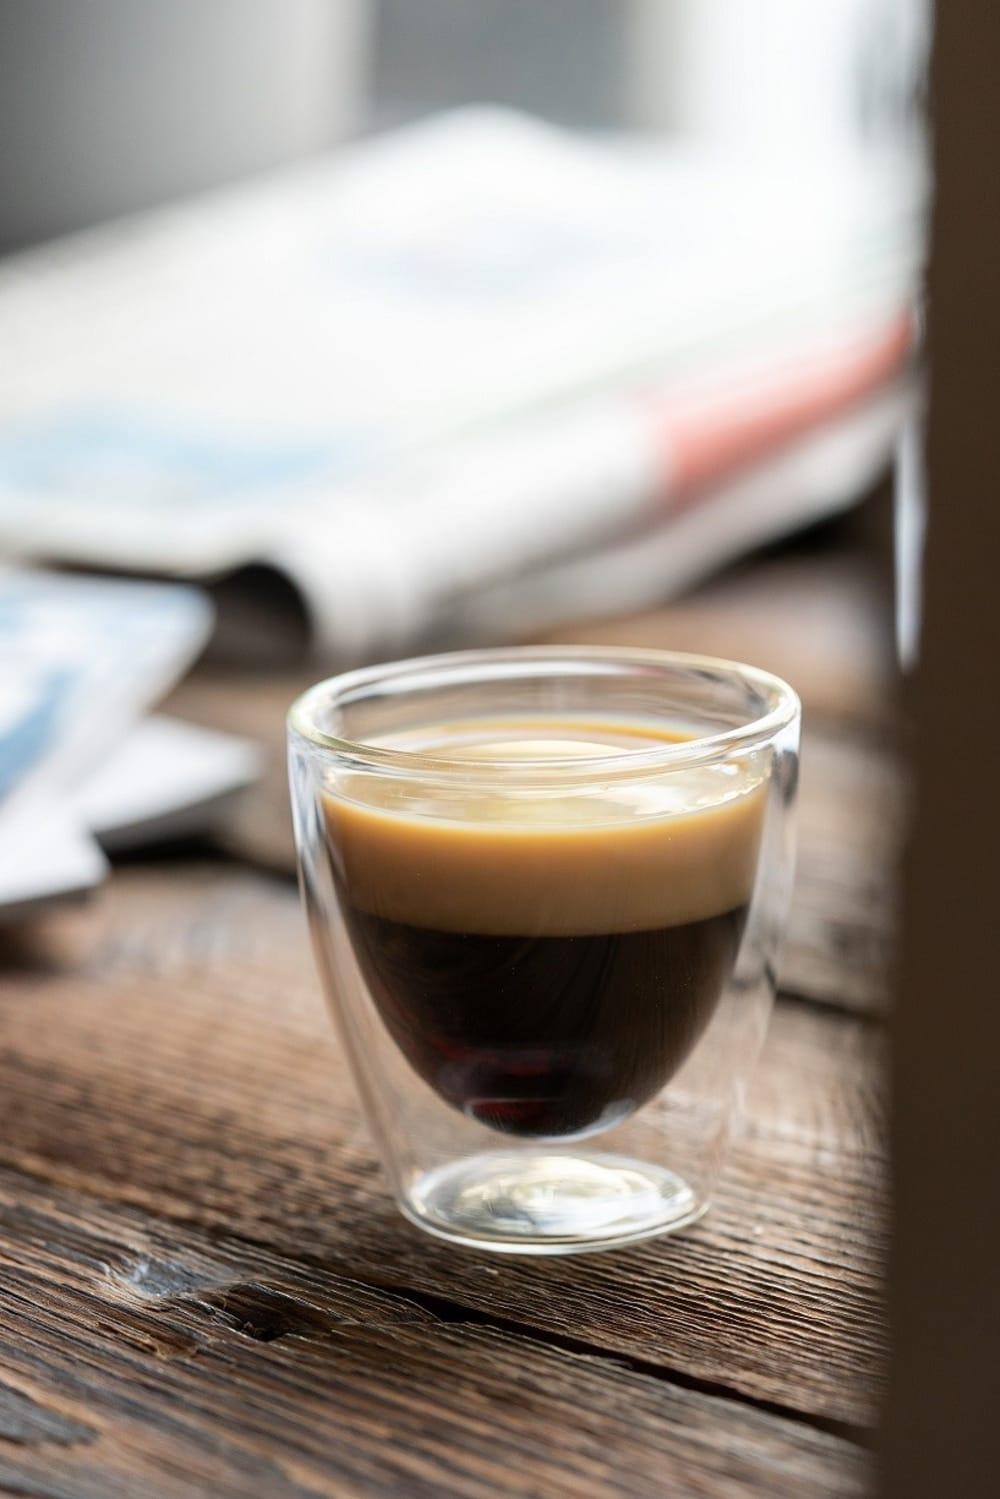 VIALLI DESIGN - Zestaw 2 szklanek do espresso z podwójną ścianką, 80 ml AMO